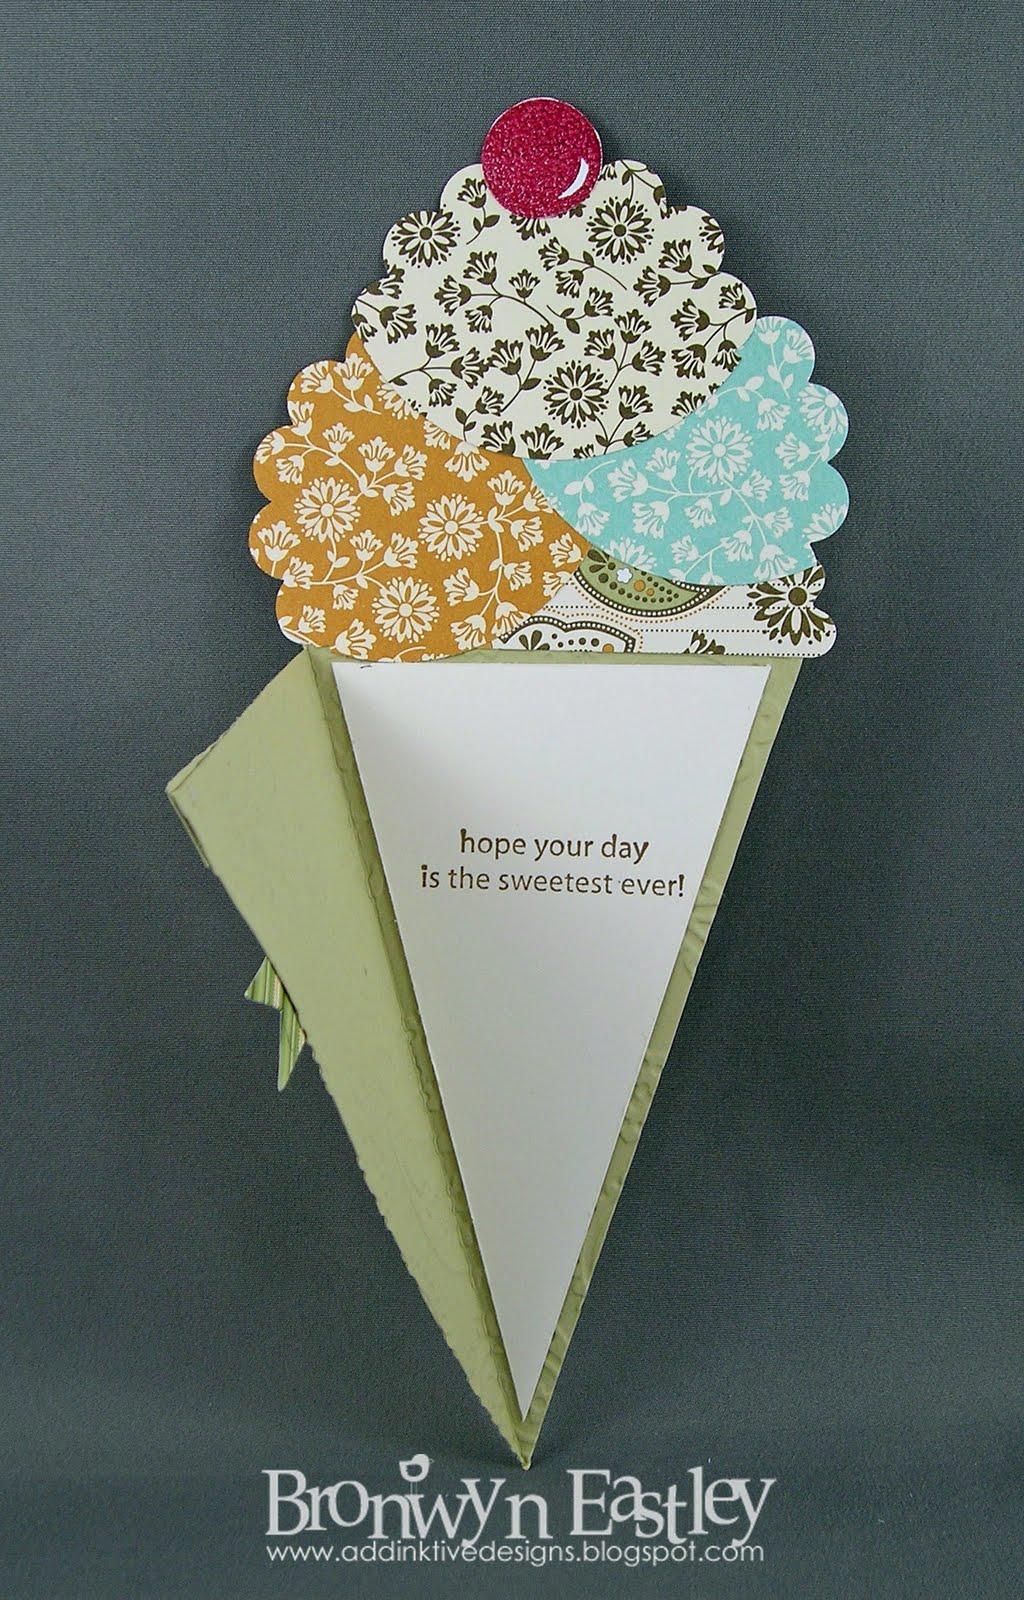 Addinktive Designs At Blogger Spice Cake Icecream Cone Card